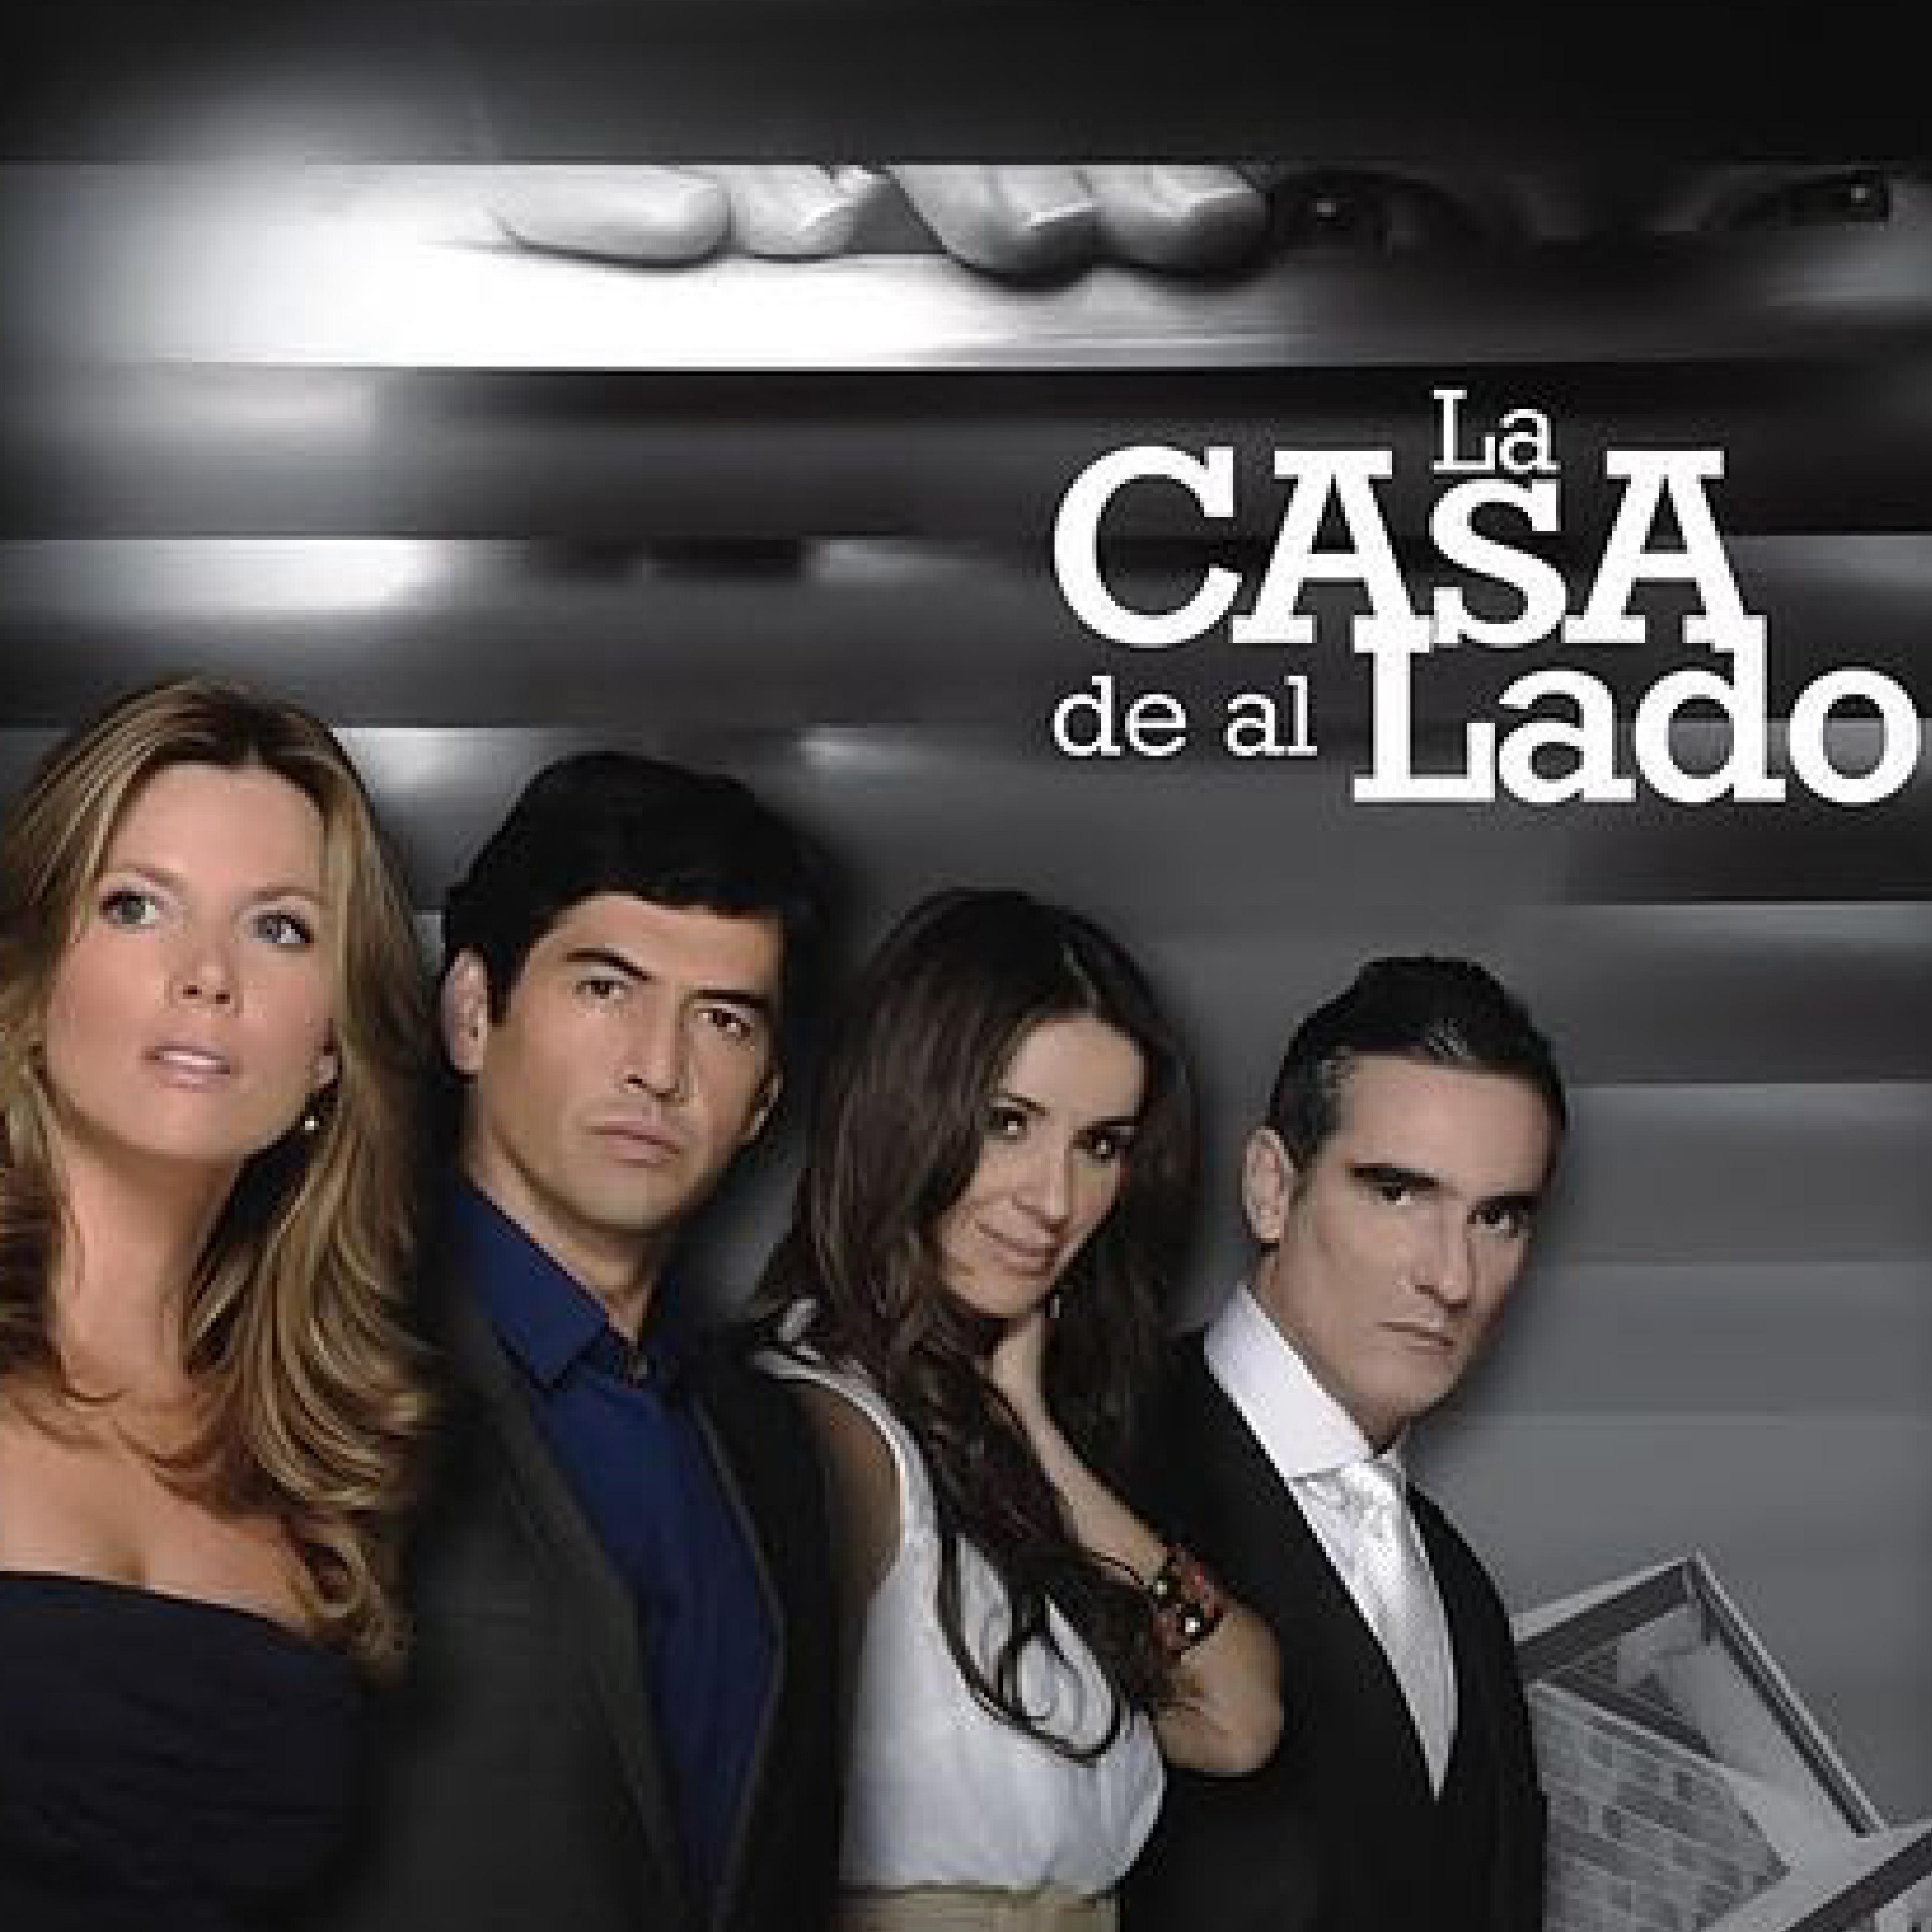 La Casa De Al Lado (The House Next Door)